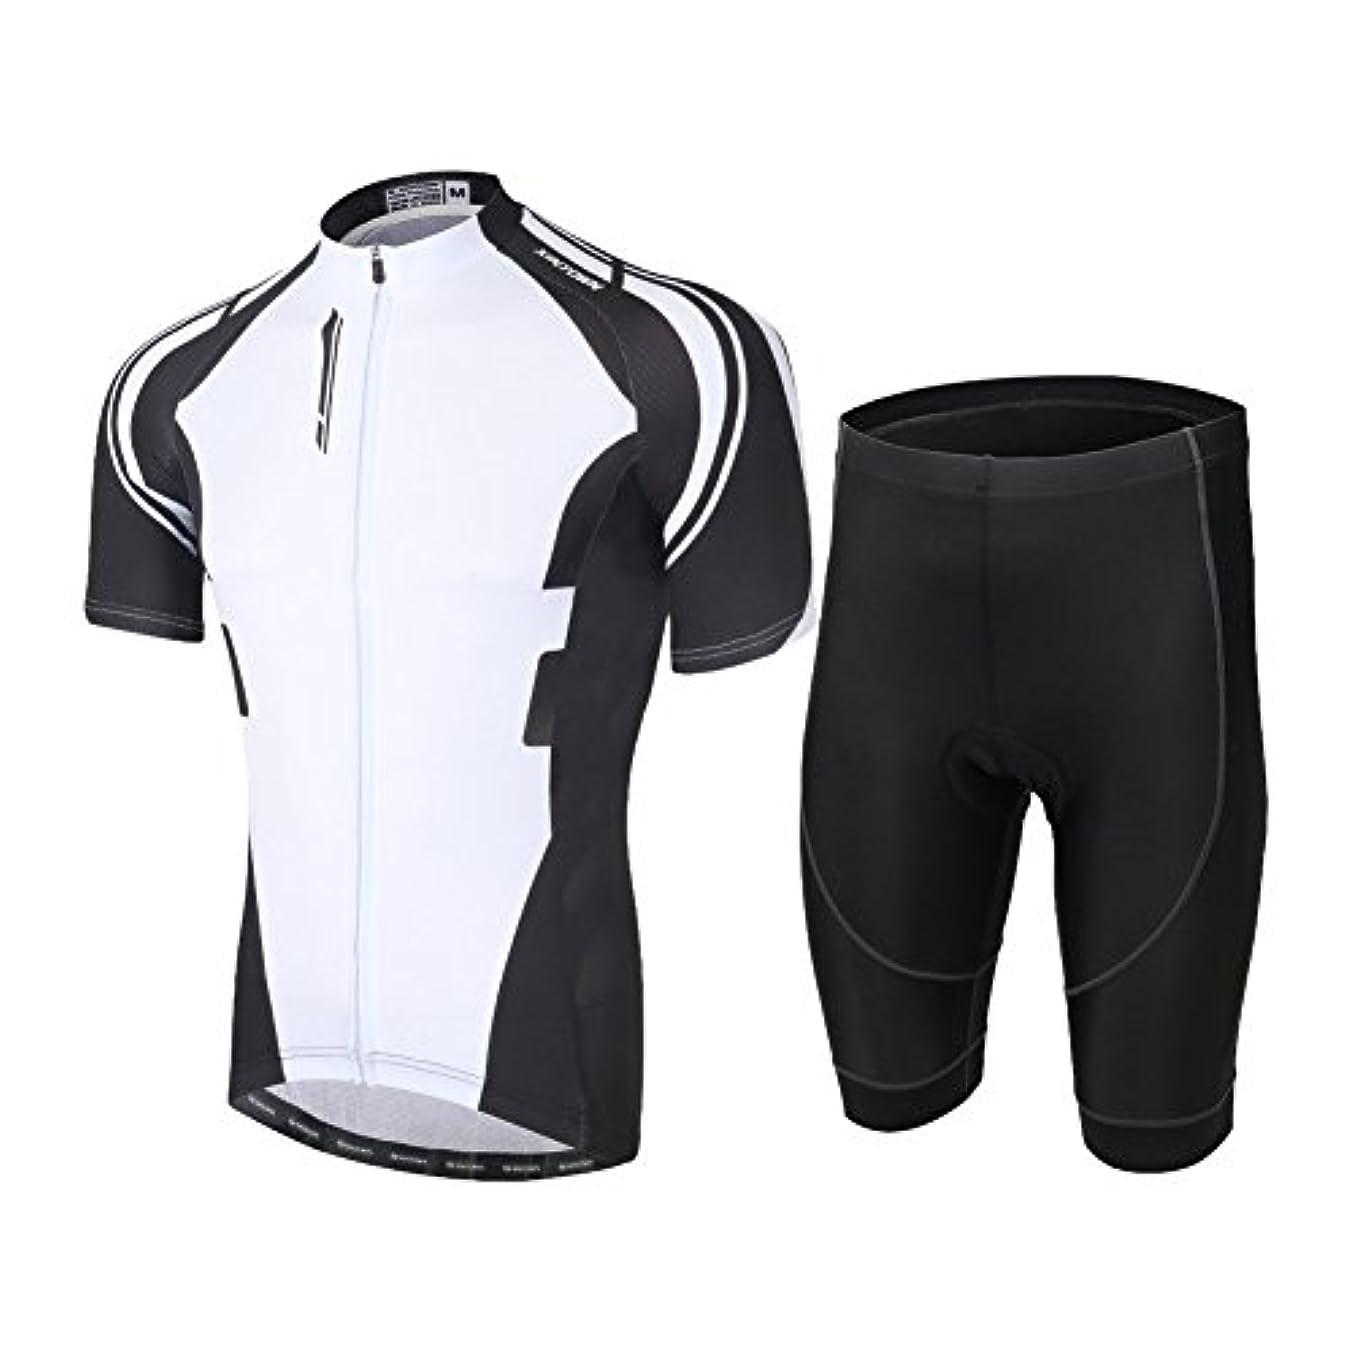 学ぶ人種干ばつAIRFRIC(エアフリク)夏用 サイクリングジャージ 半袖 上下セットx17ss01